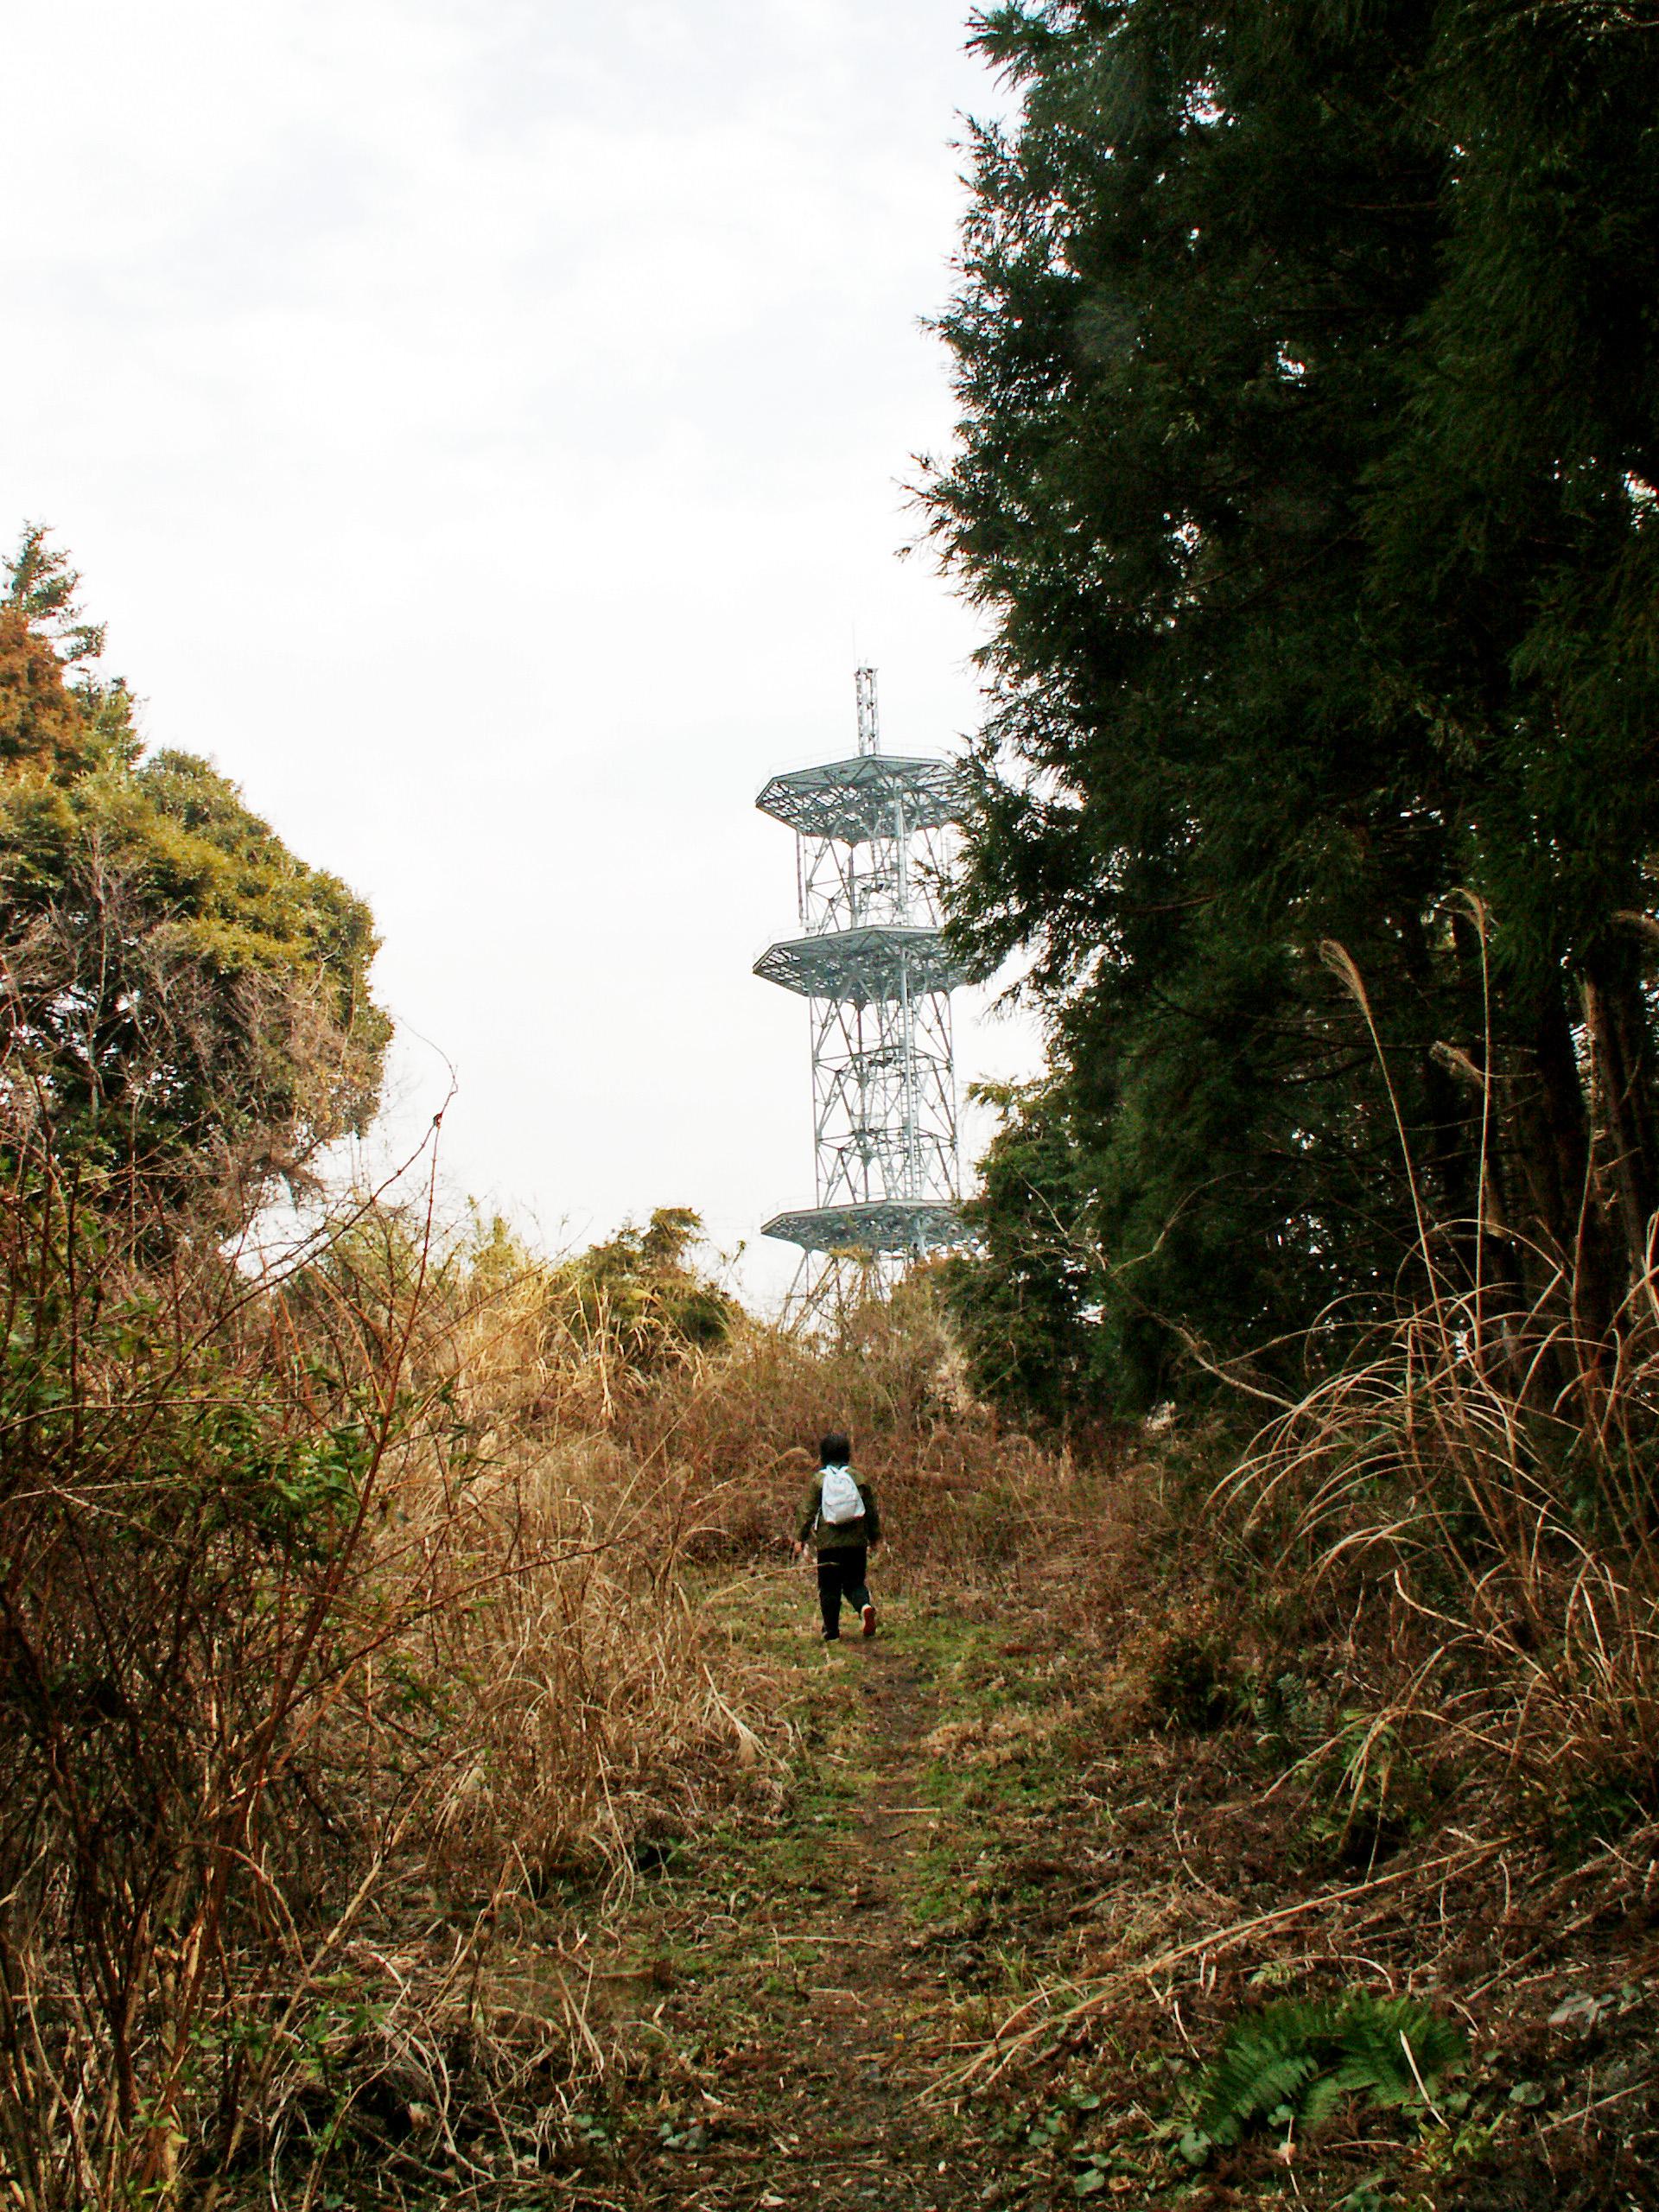 無線中継所の電波塔